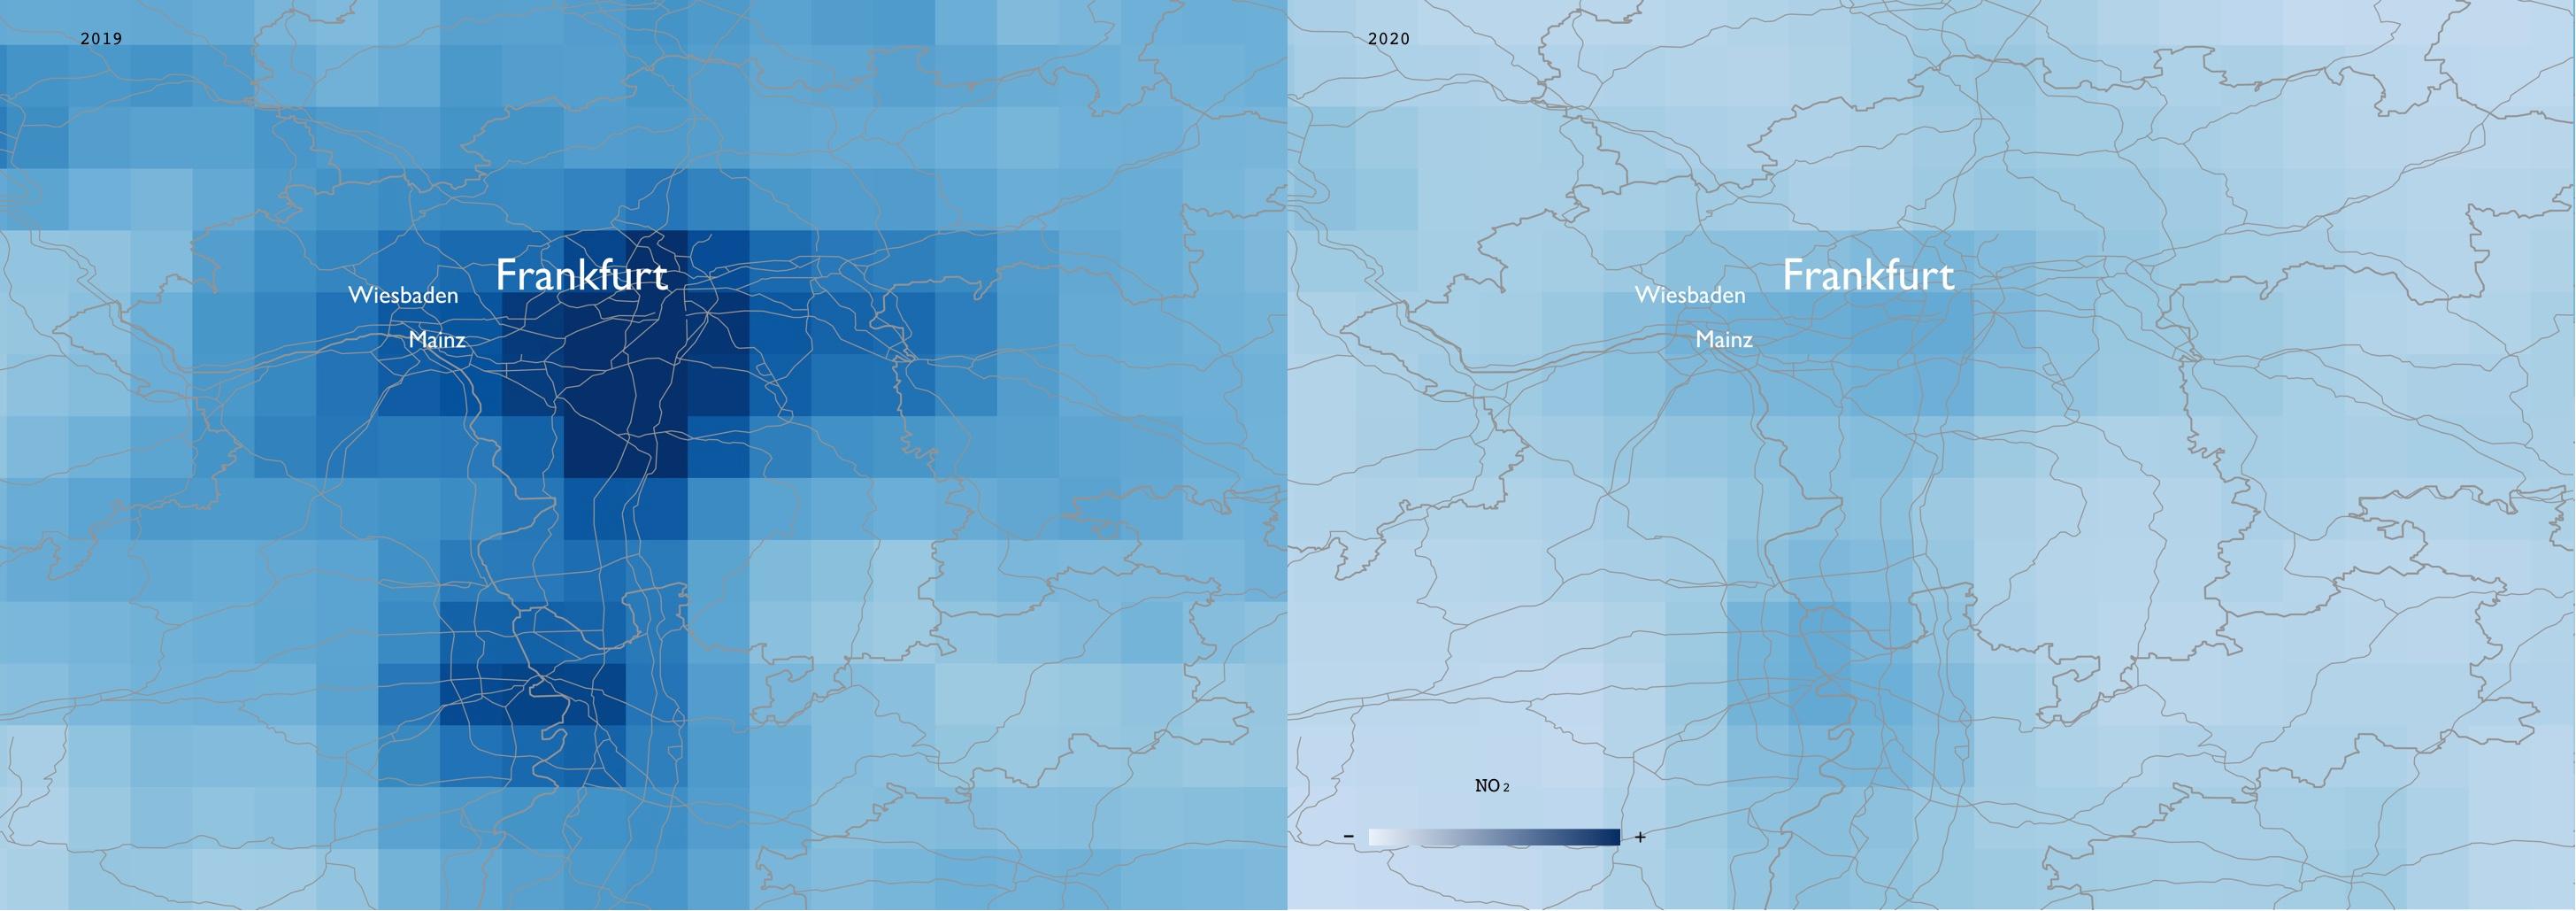 Mapa que muestra en azul la mayor contaminación ambiental en la zona de Frankfurt, Alemania, comparado a otro día donde no hay actividad industrial - ESA/EPHA/James Poetzscher/Handout via REUTERS